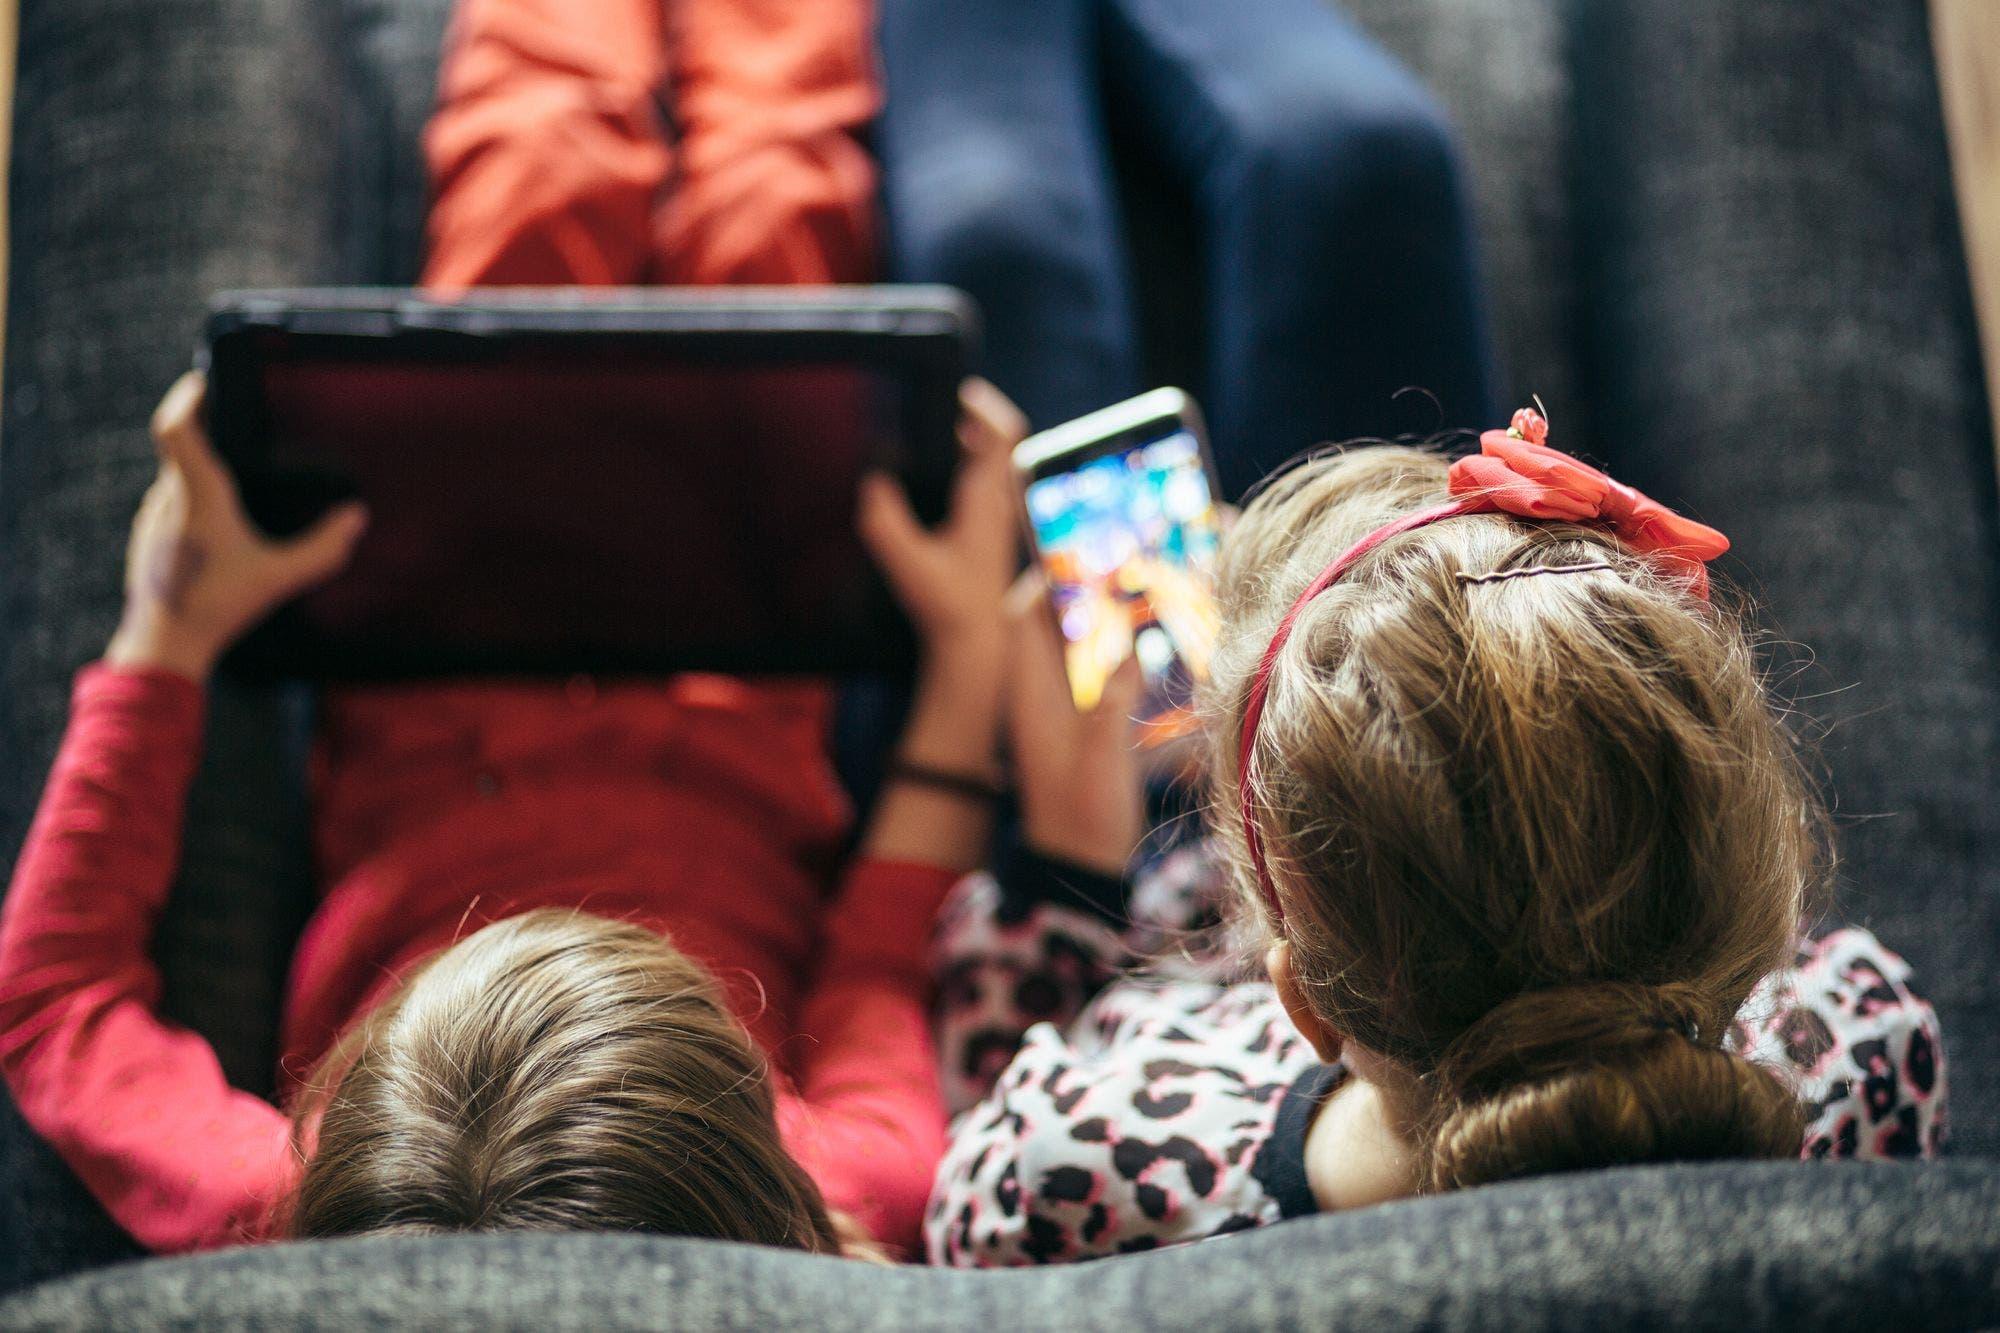 Tres herramientas multiplataforma para controlar qué hacen los chicos con el celular, la tableta, la PC o la consola